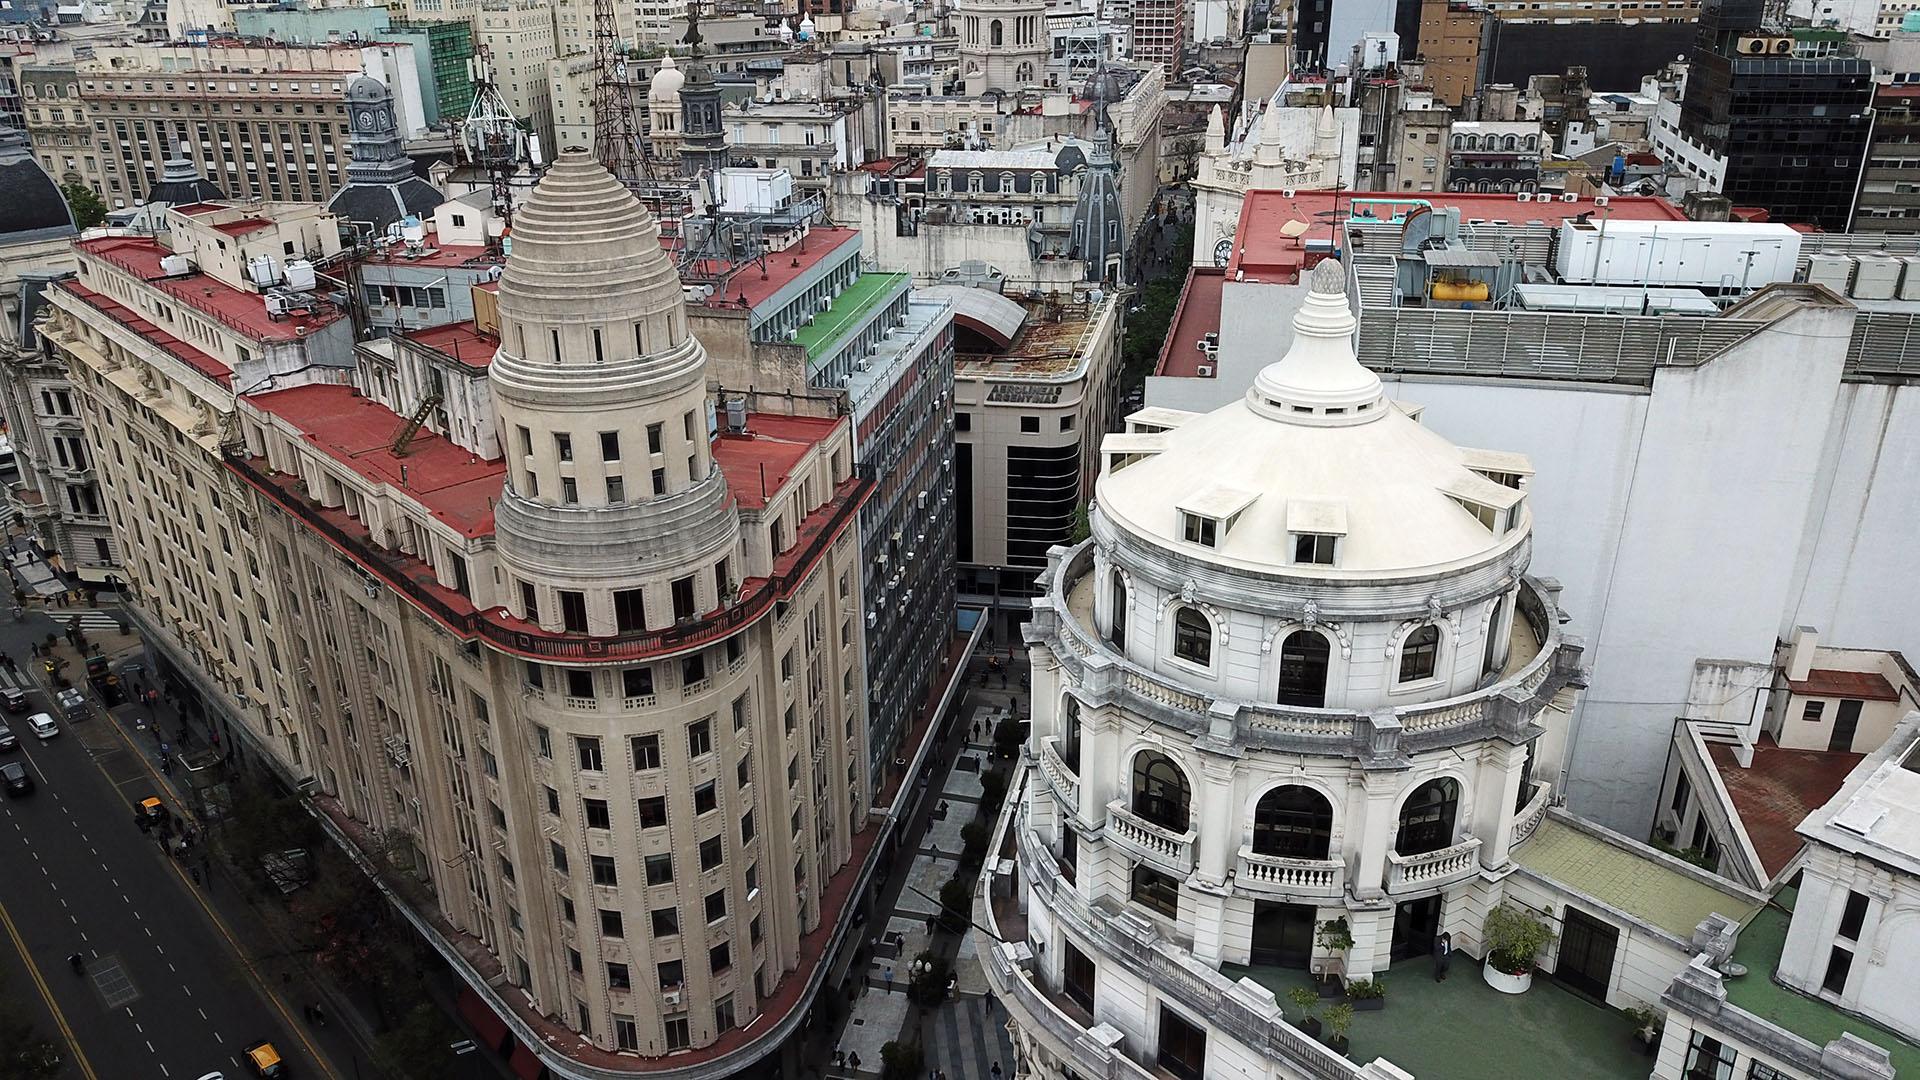 En segundo plano la cúpula del edificio inaugurado en 1929 como casa matriz de dicha compañía de seguros. Actualmente, es la sede del Ministerio de Ambiente y Espacio Público